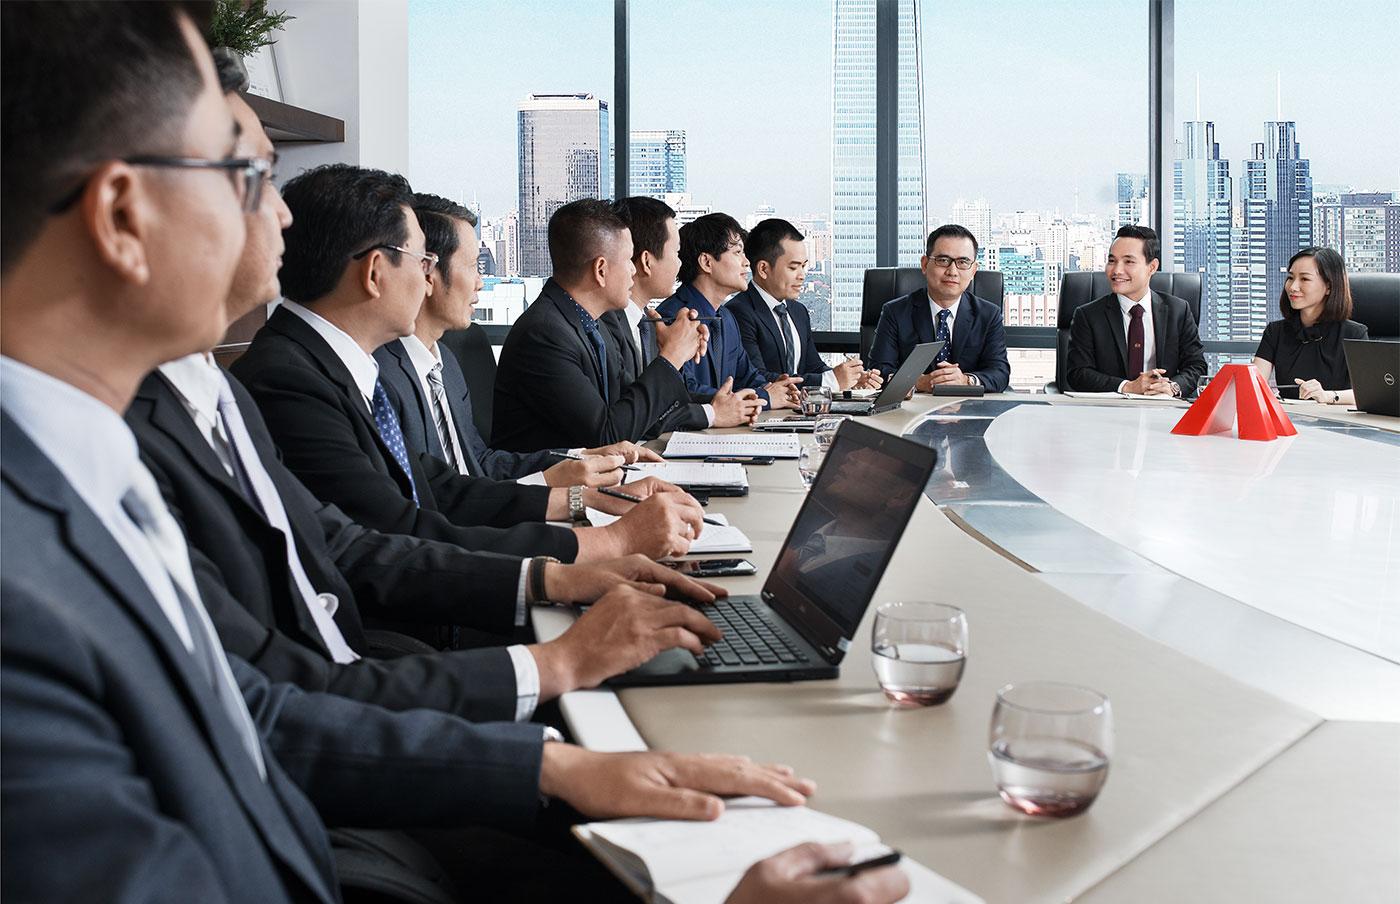 Đội ngũ lãnh đạo trẻ, năng động và cầu thị là nền tảng để chúng tôi phục vụ khách hàng.